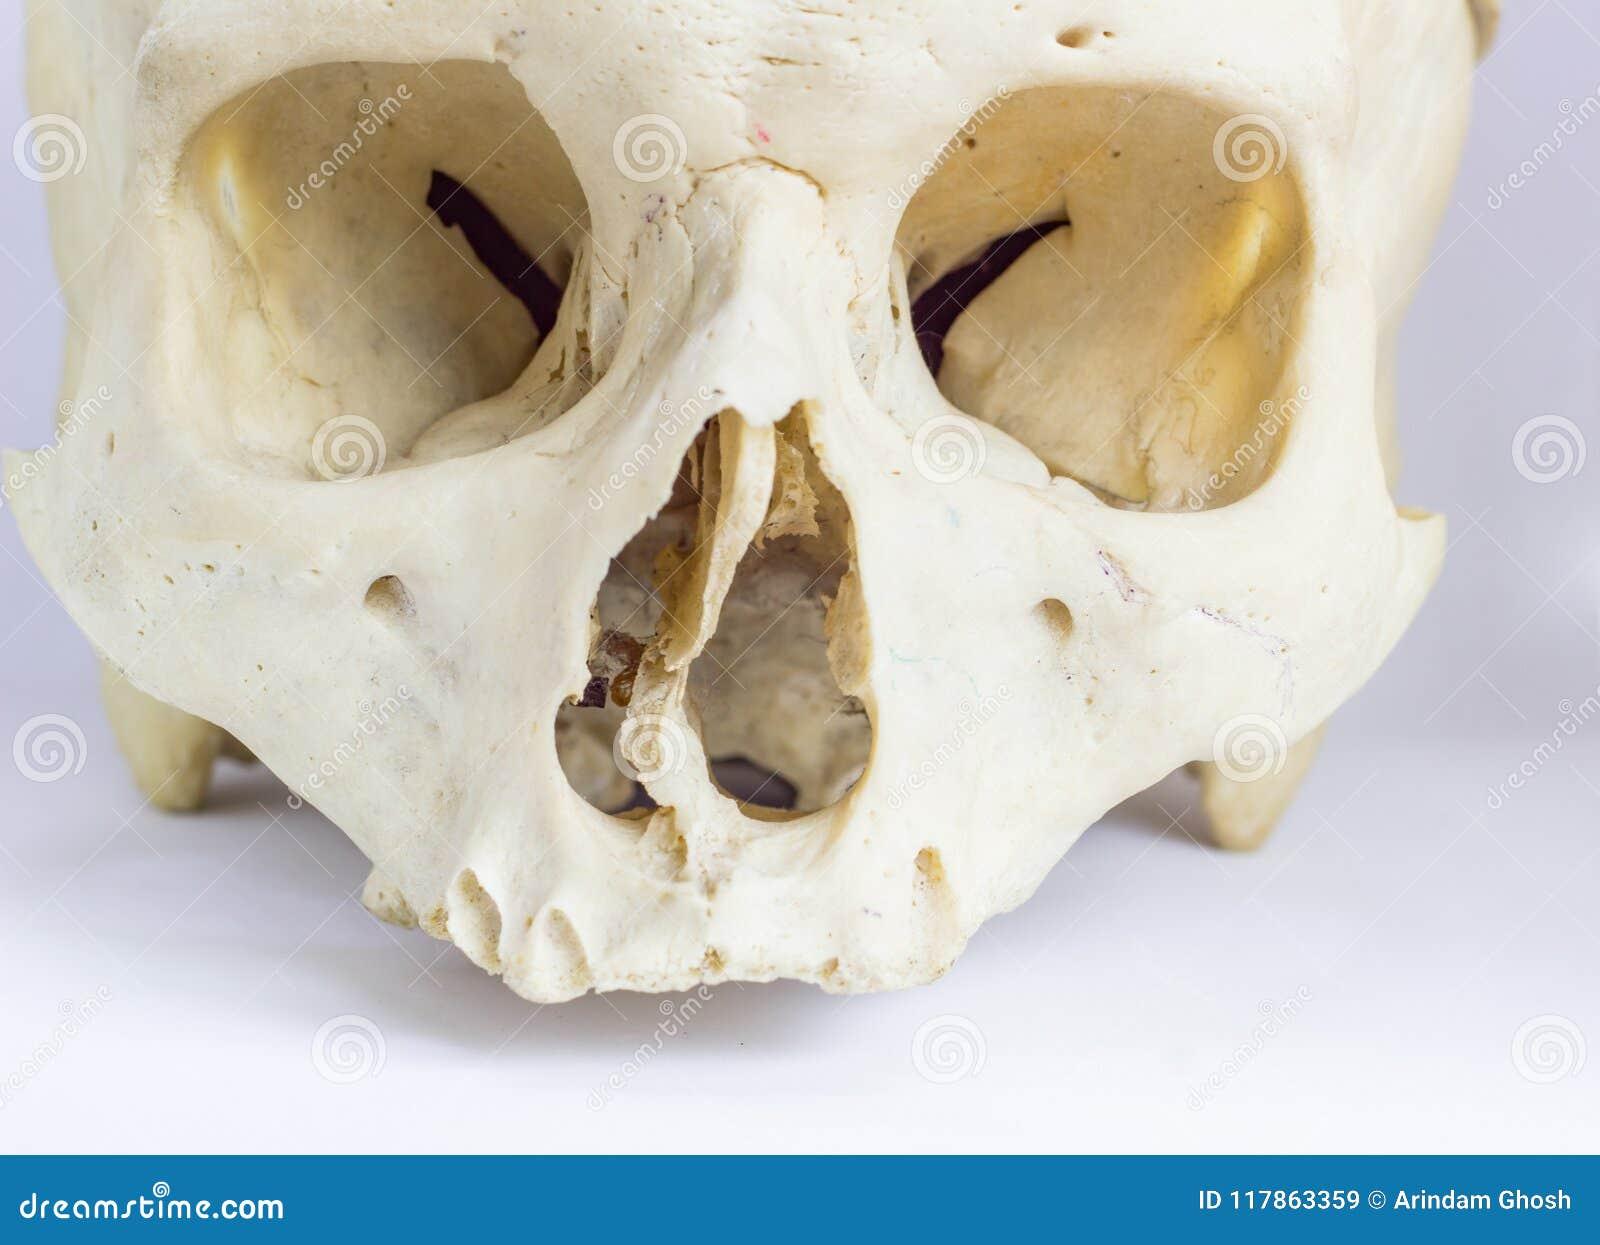 Slut upp makrosikt av det mänskliga skallebenet som visar anatomin av den nasala foramenen, den nasala septumen och orbitalhålet